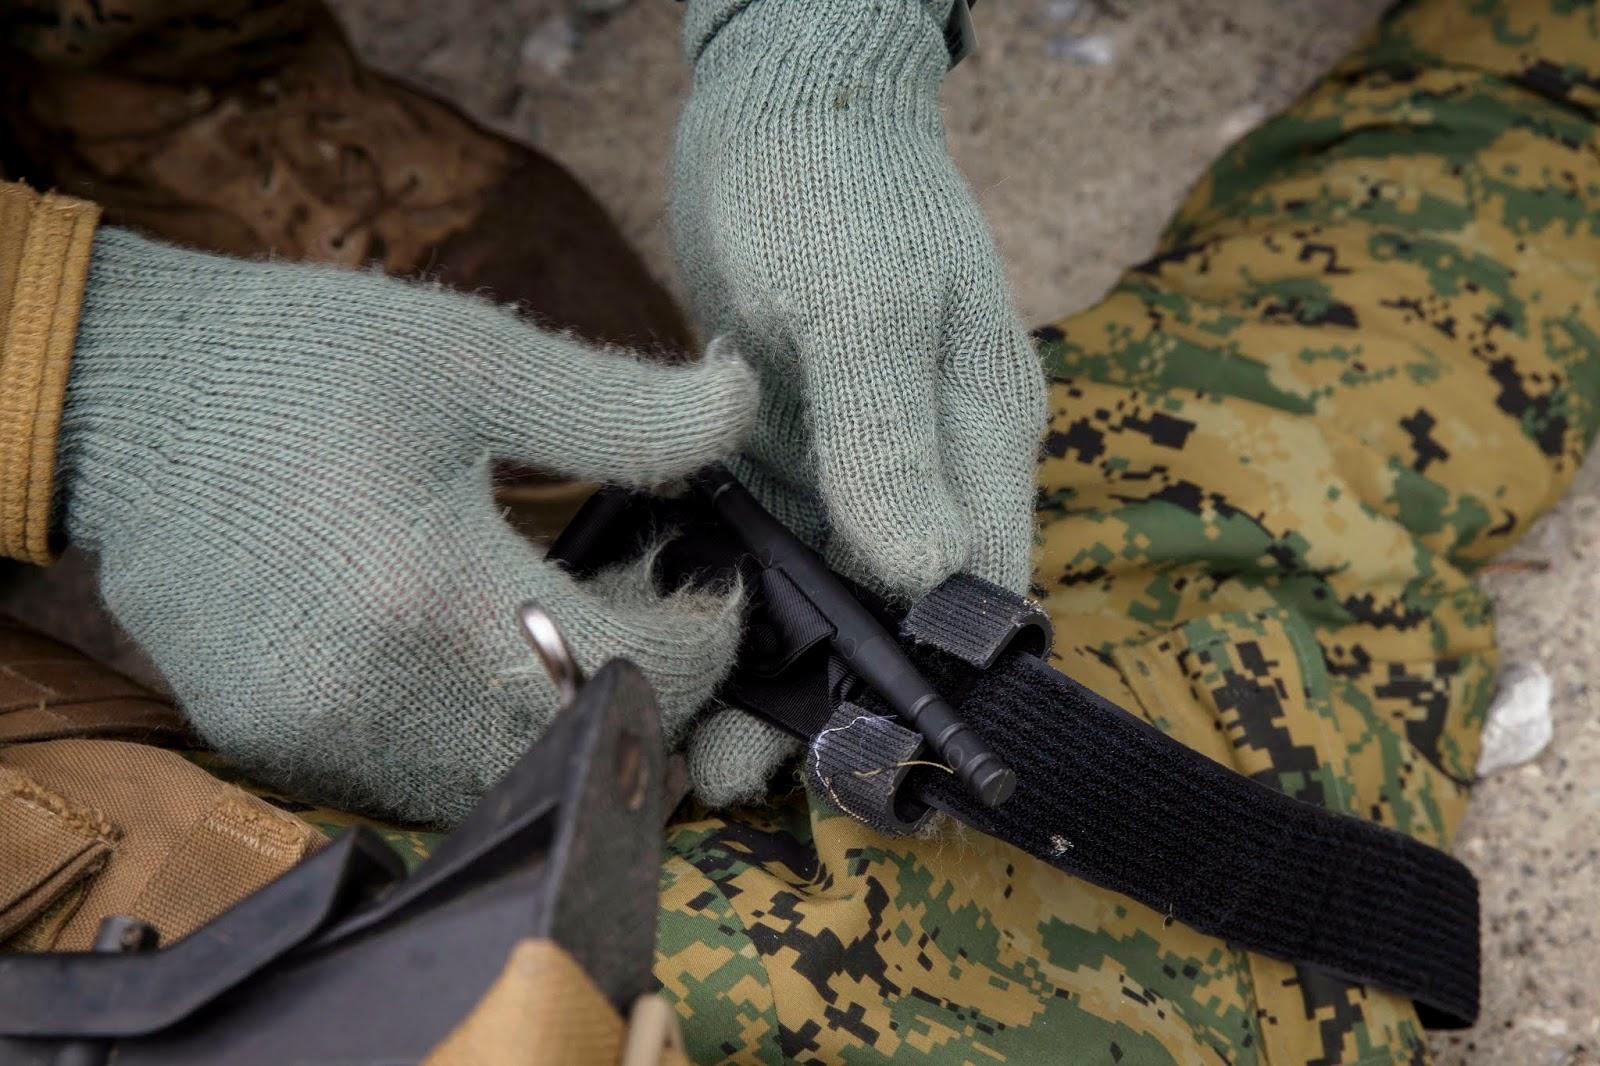 Gloved hands put a tourniquet on an upper thigh